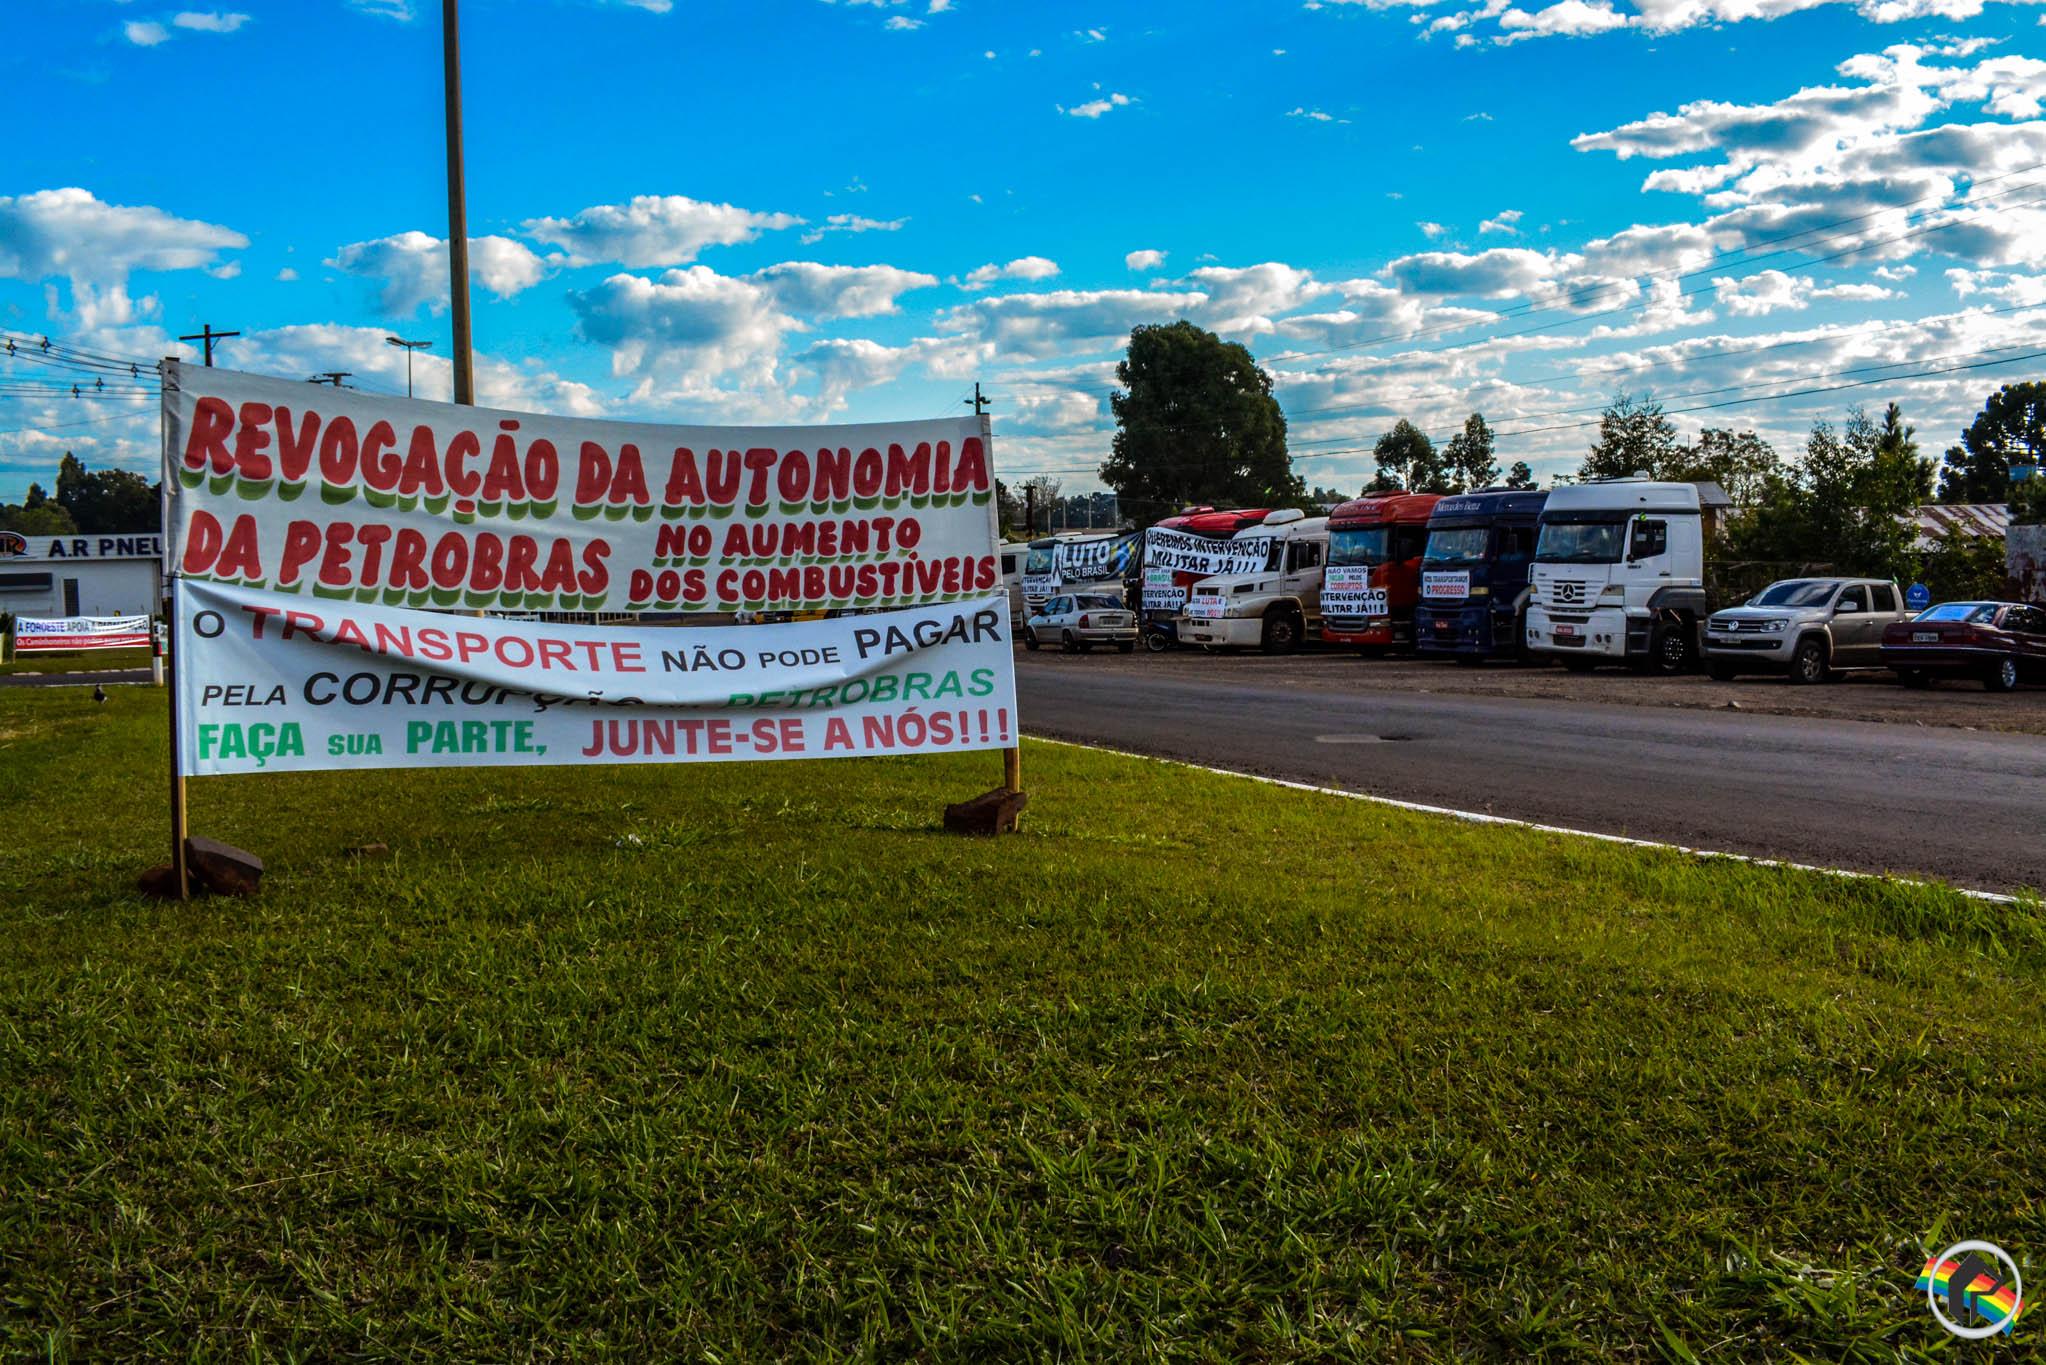 Sai edição extra do Diário Oficial com MPs dos caminhoneiros